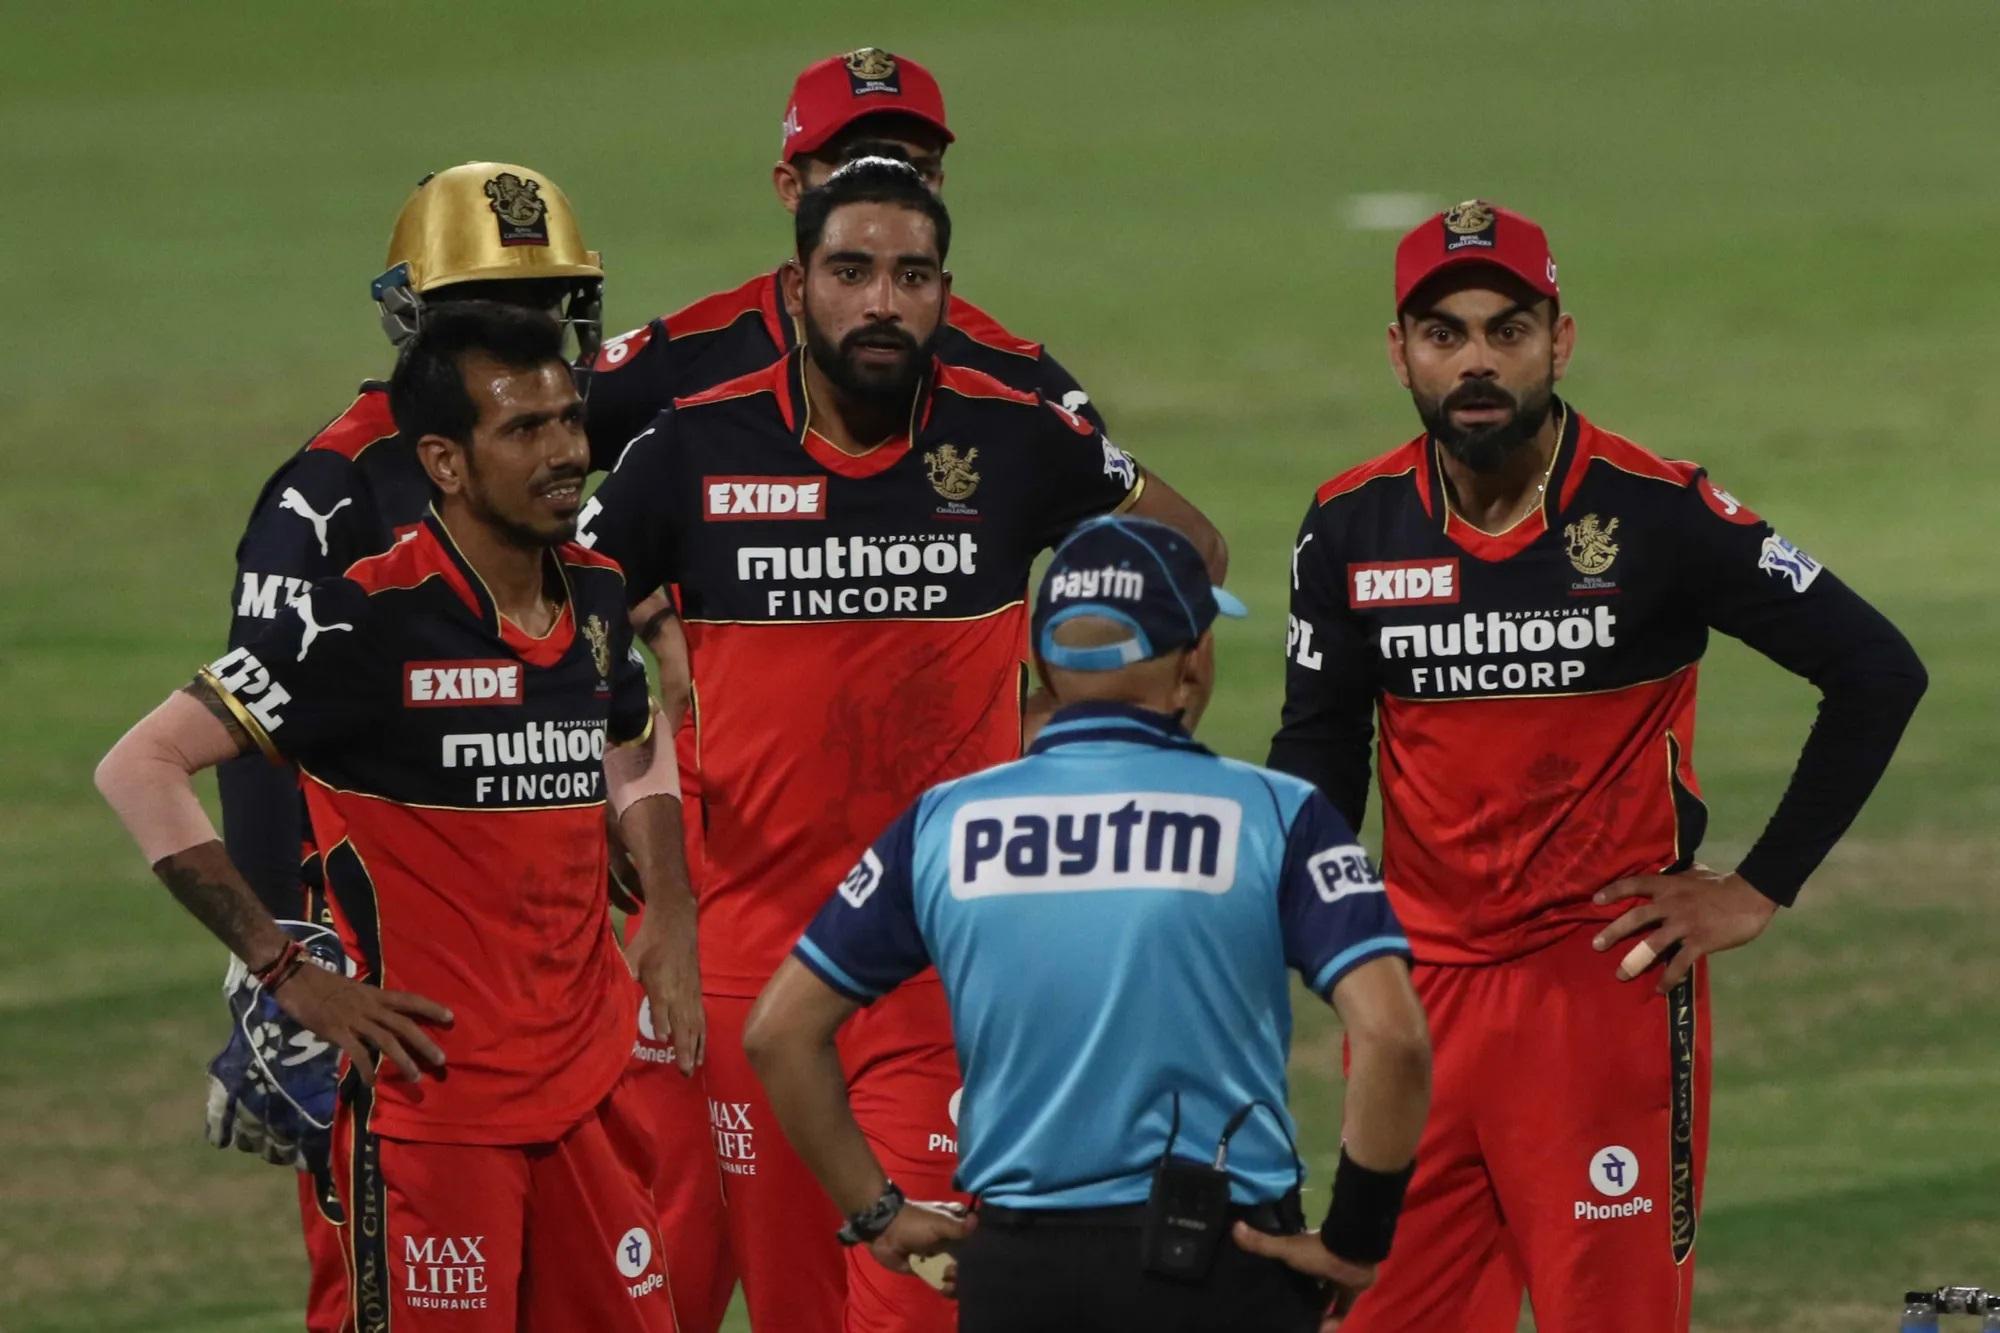 बैटिंग के वक्त कोहली मैदान में नहीं थे, लेकिन जब बॉलिंग के वक्त कोहली मैदान में थे और अंपायर वीरेंद्र ने एक बार फिर बेंगलुरु के लिए गलत फैसला दिया तो कोहली बिफर पड़े। इस बार मामला कोलकाता के बल्लेबाज के आउट होते हुए भी आउट न देना था। जब अंपायर ने आउट नहीं दिया तो कोहली ने पहले रिव्यू लिया और रिव्यू लेने के बाद अंपायर के पास आए और एकदम नाराज होते हुए अपनी बात रखी। बातचीत इतनी बढ़ी कि अंपायर ओवर खत्म होने के बाद एक बार कोहली के पास आए और उन्होंने अपनी बात रखी।